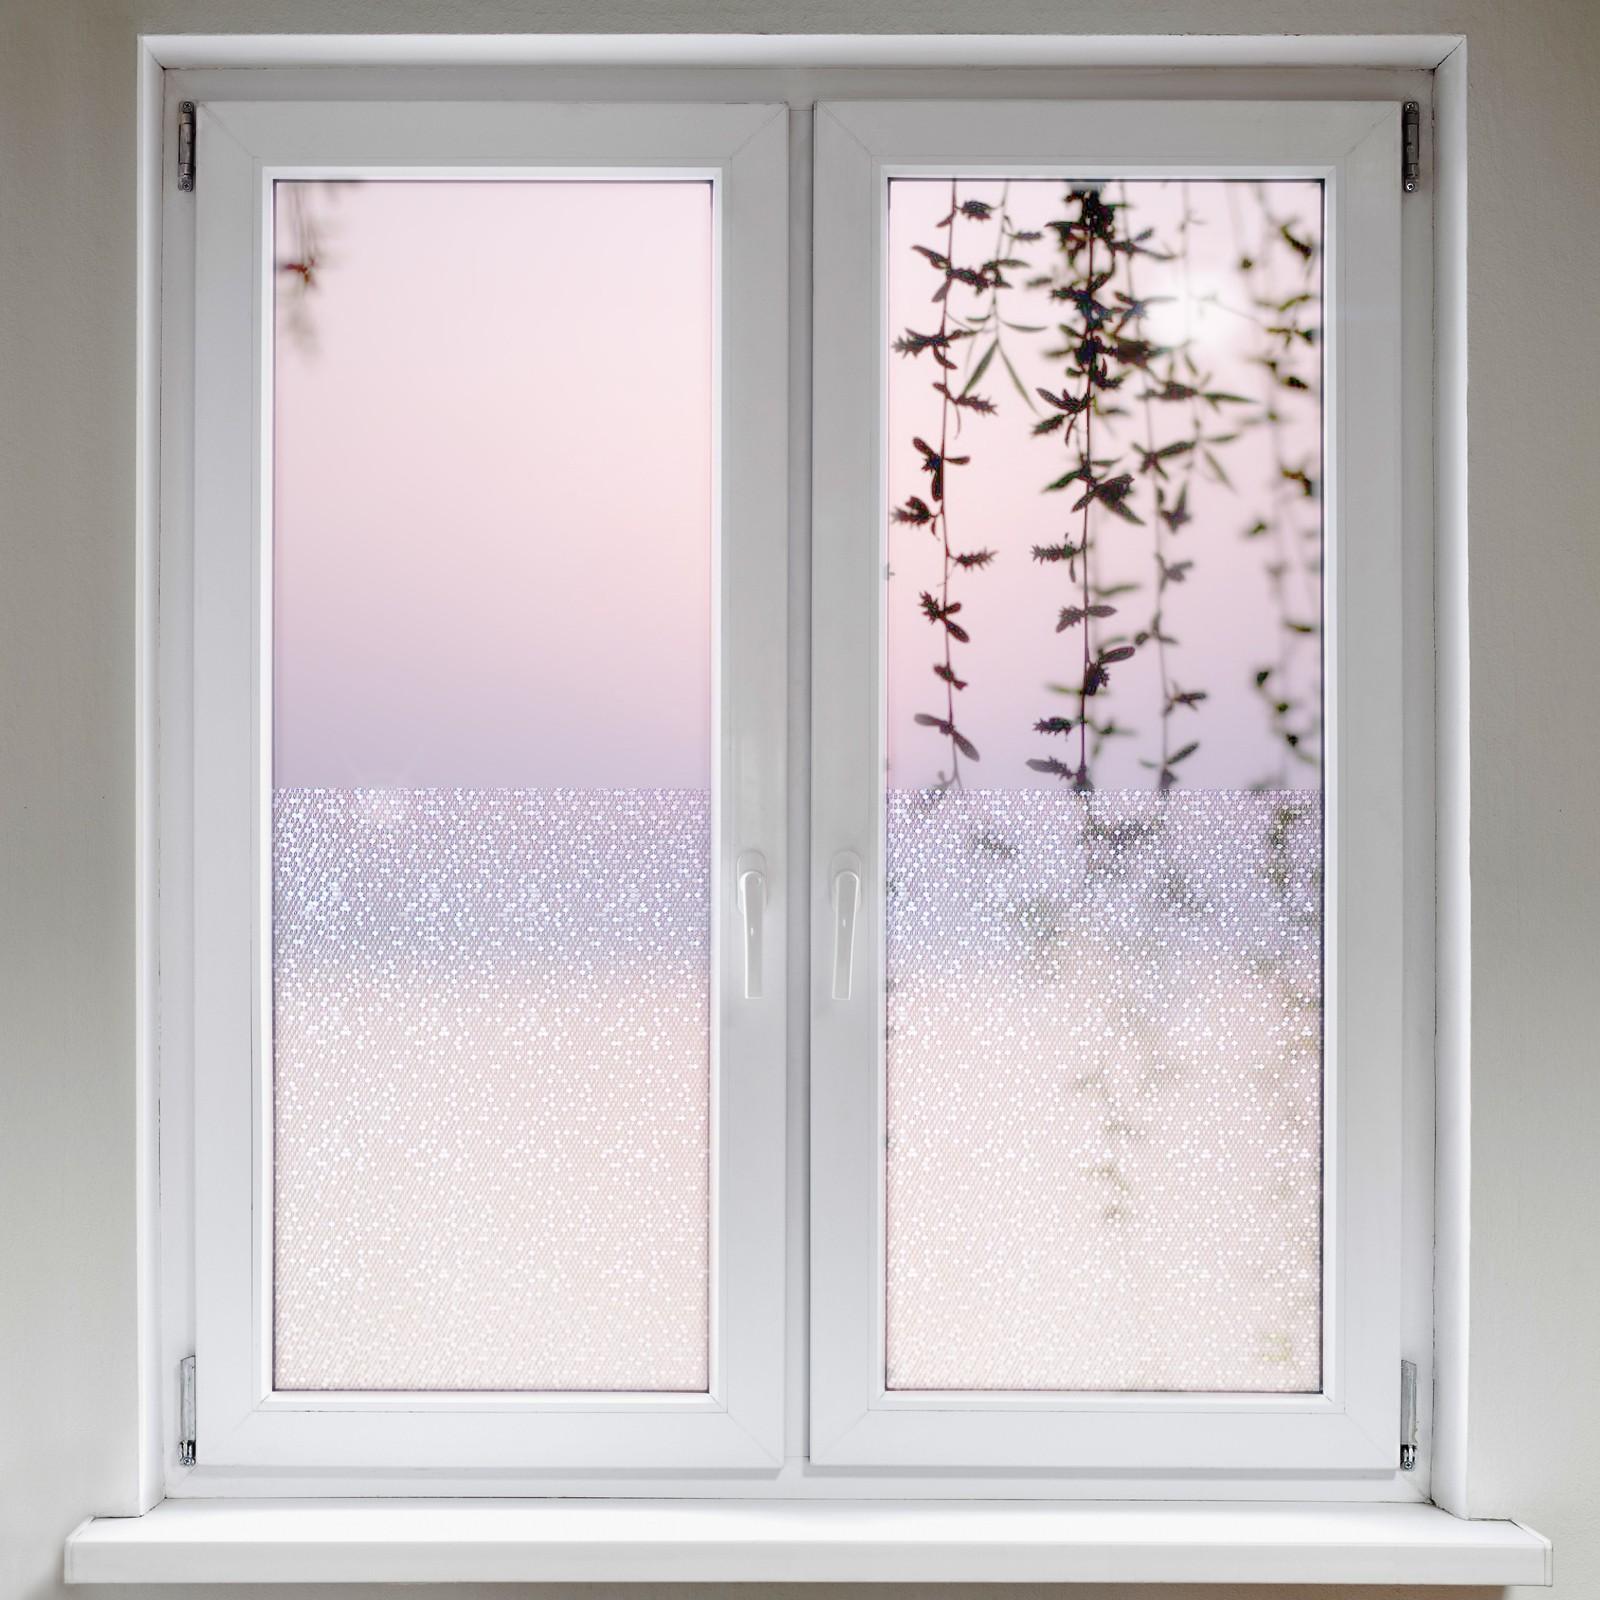 Full Size of Fensterfolie Blickdicht Statische Sechseck Daytonde Wohnzimmer Fensterfolie Blickdicht